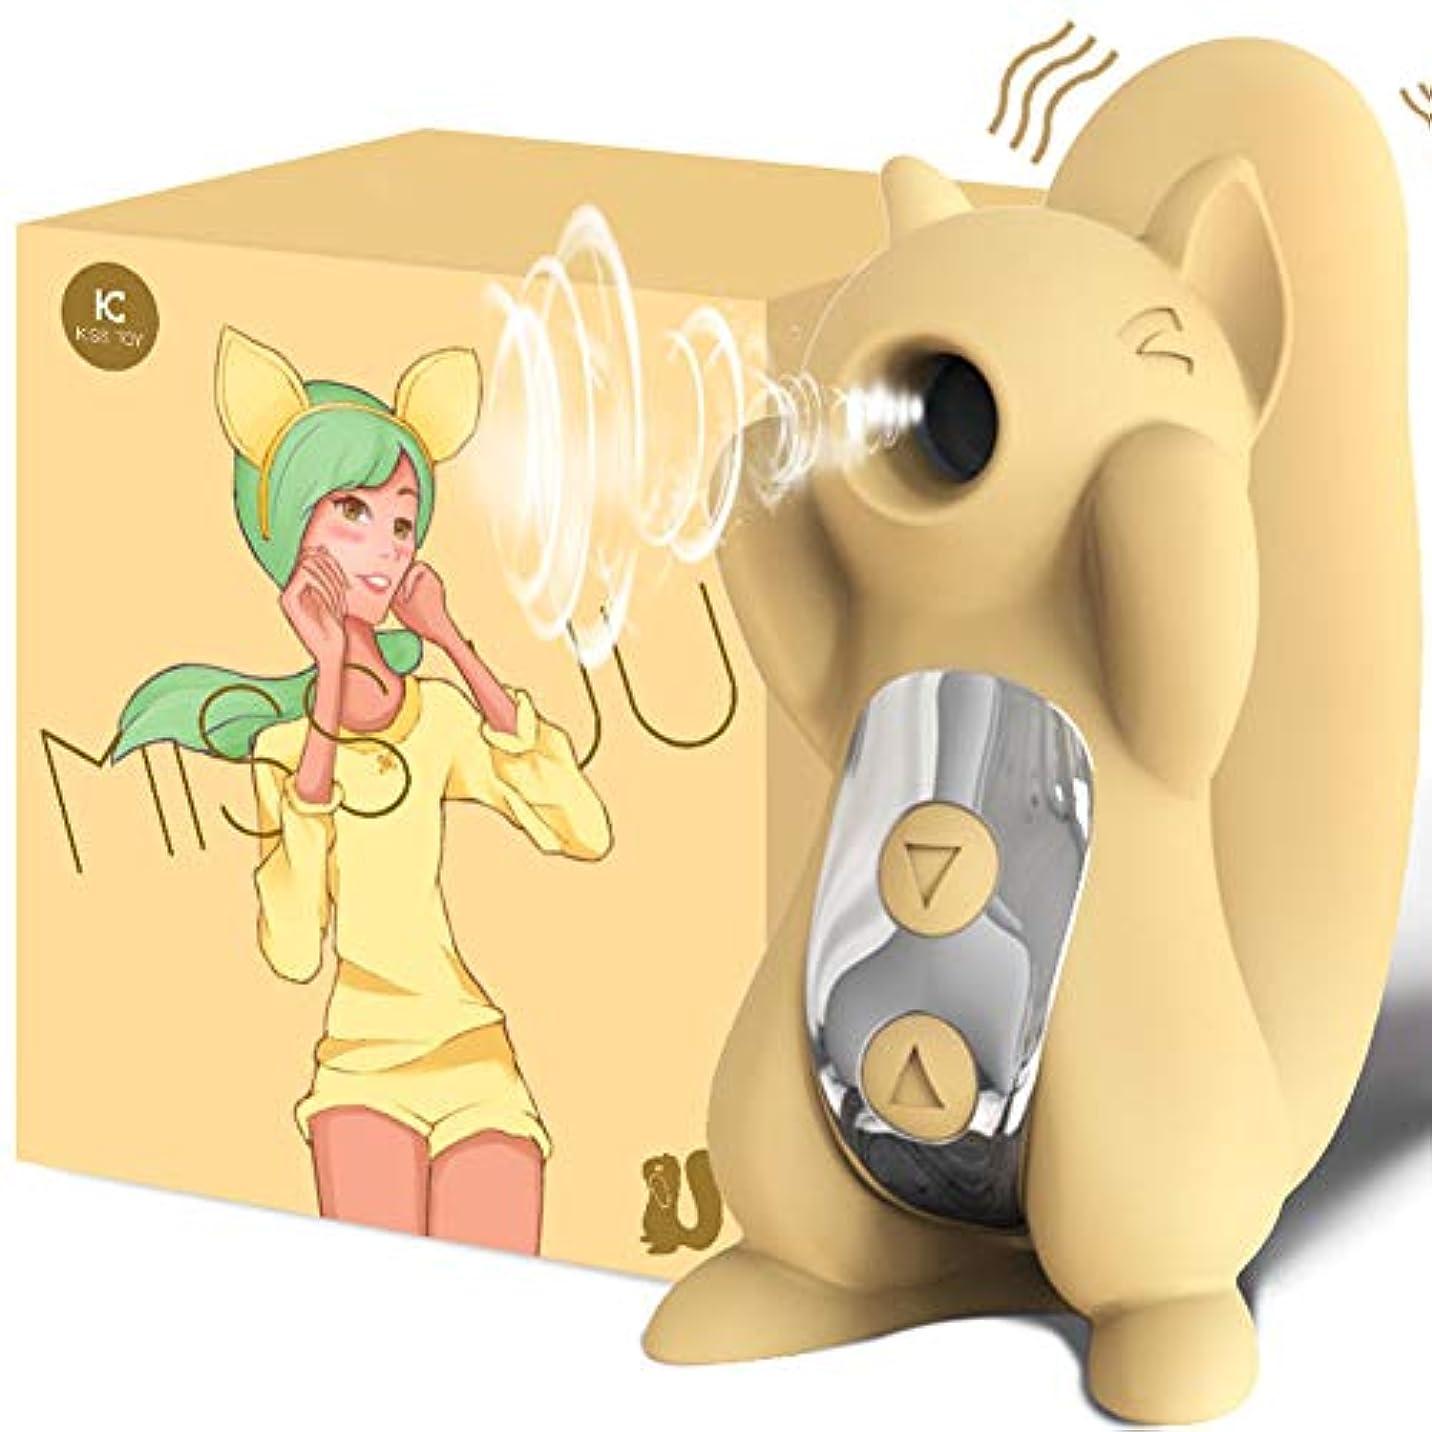 記念日不十分な非互換Rabugoo 大人のおもちゃ 漫画形状膣吸引バイブレーターオーラルセックス吸引クリトリス刺激女性エロティックおもちゃ 黄